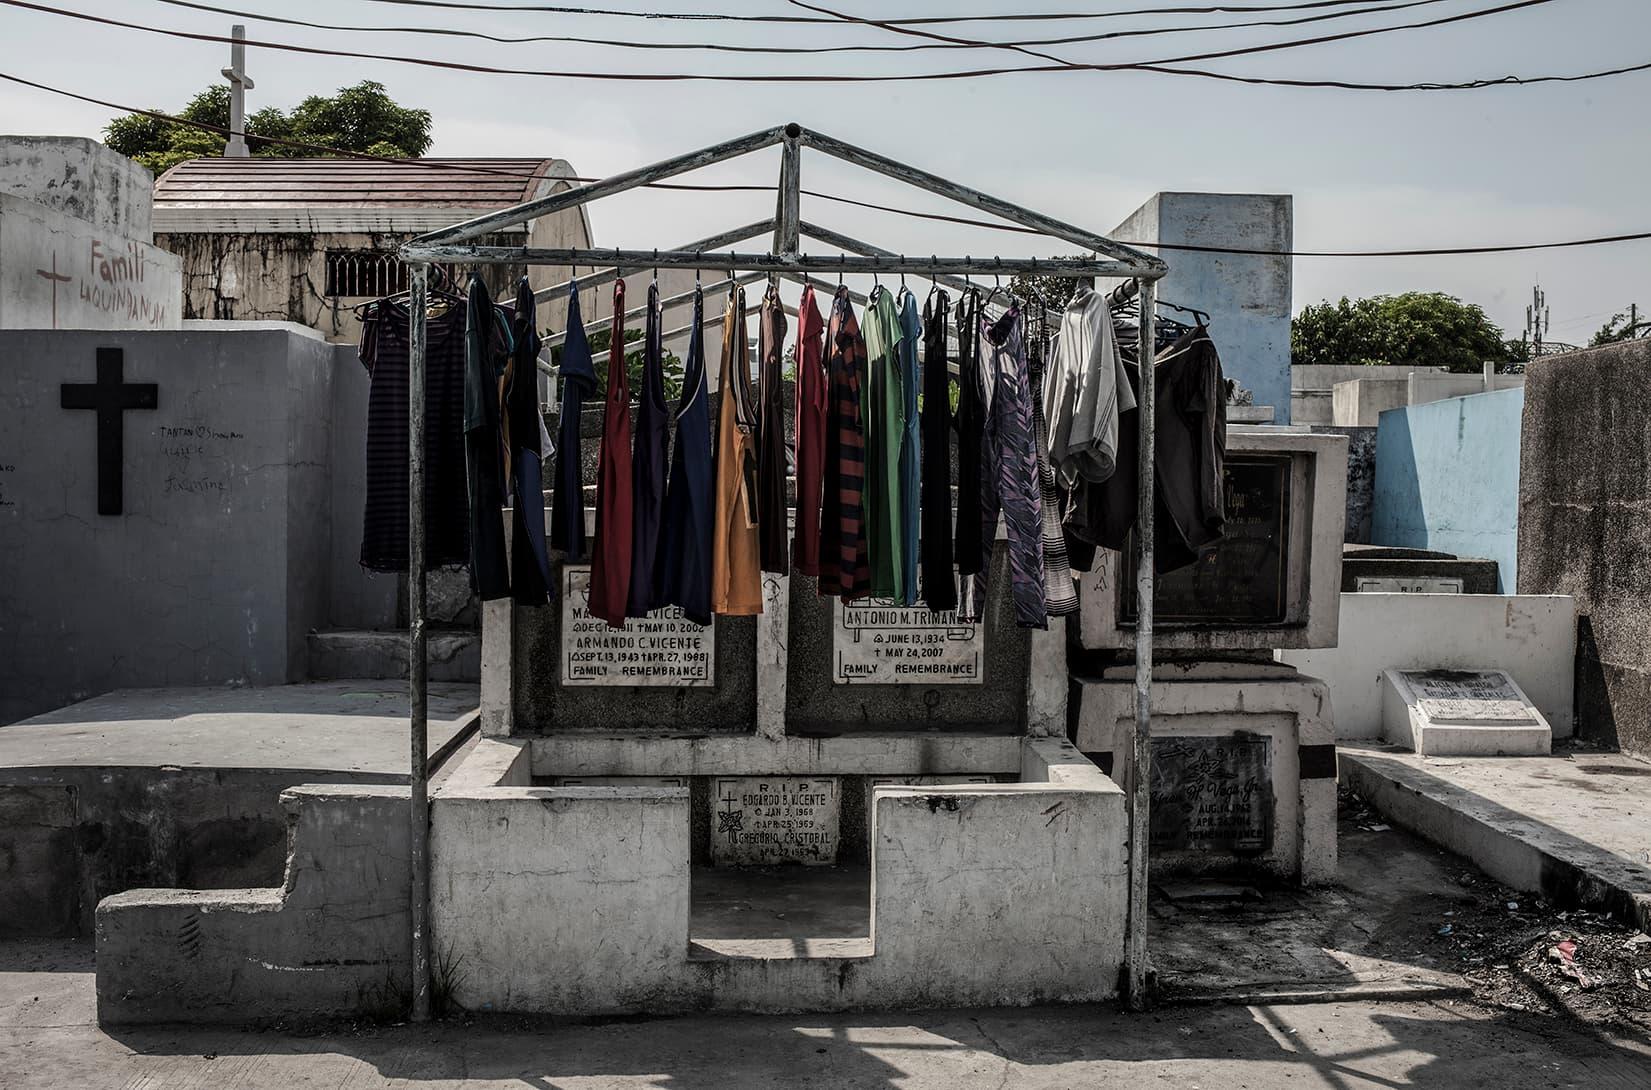 comunidades cementerios filipinas limbus (13)